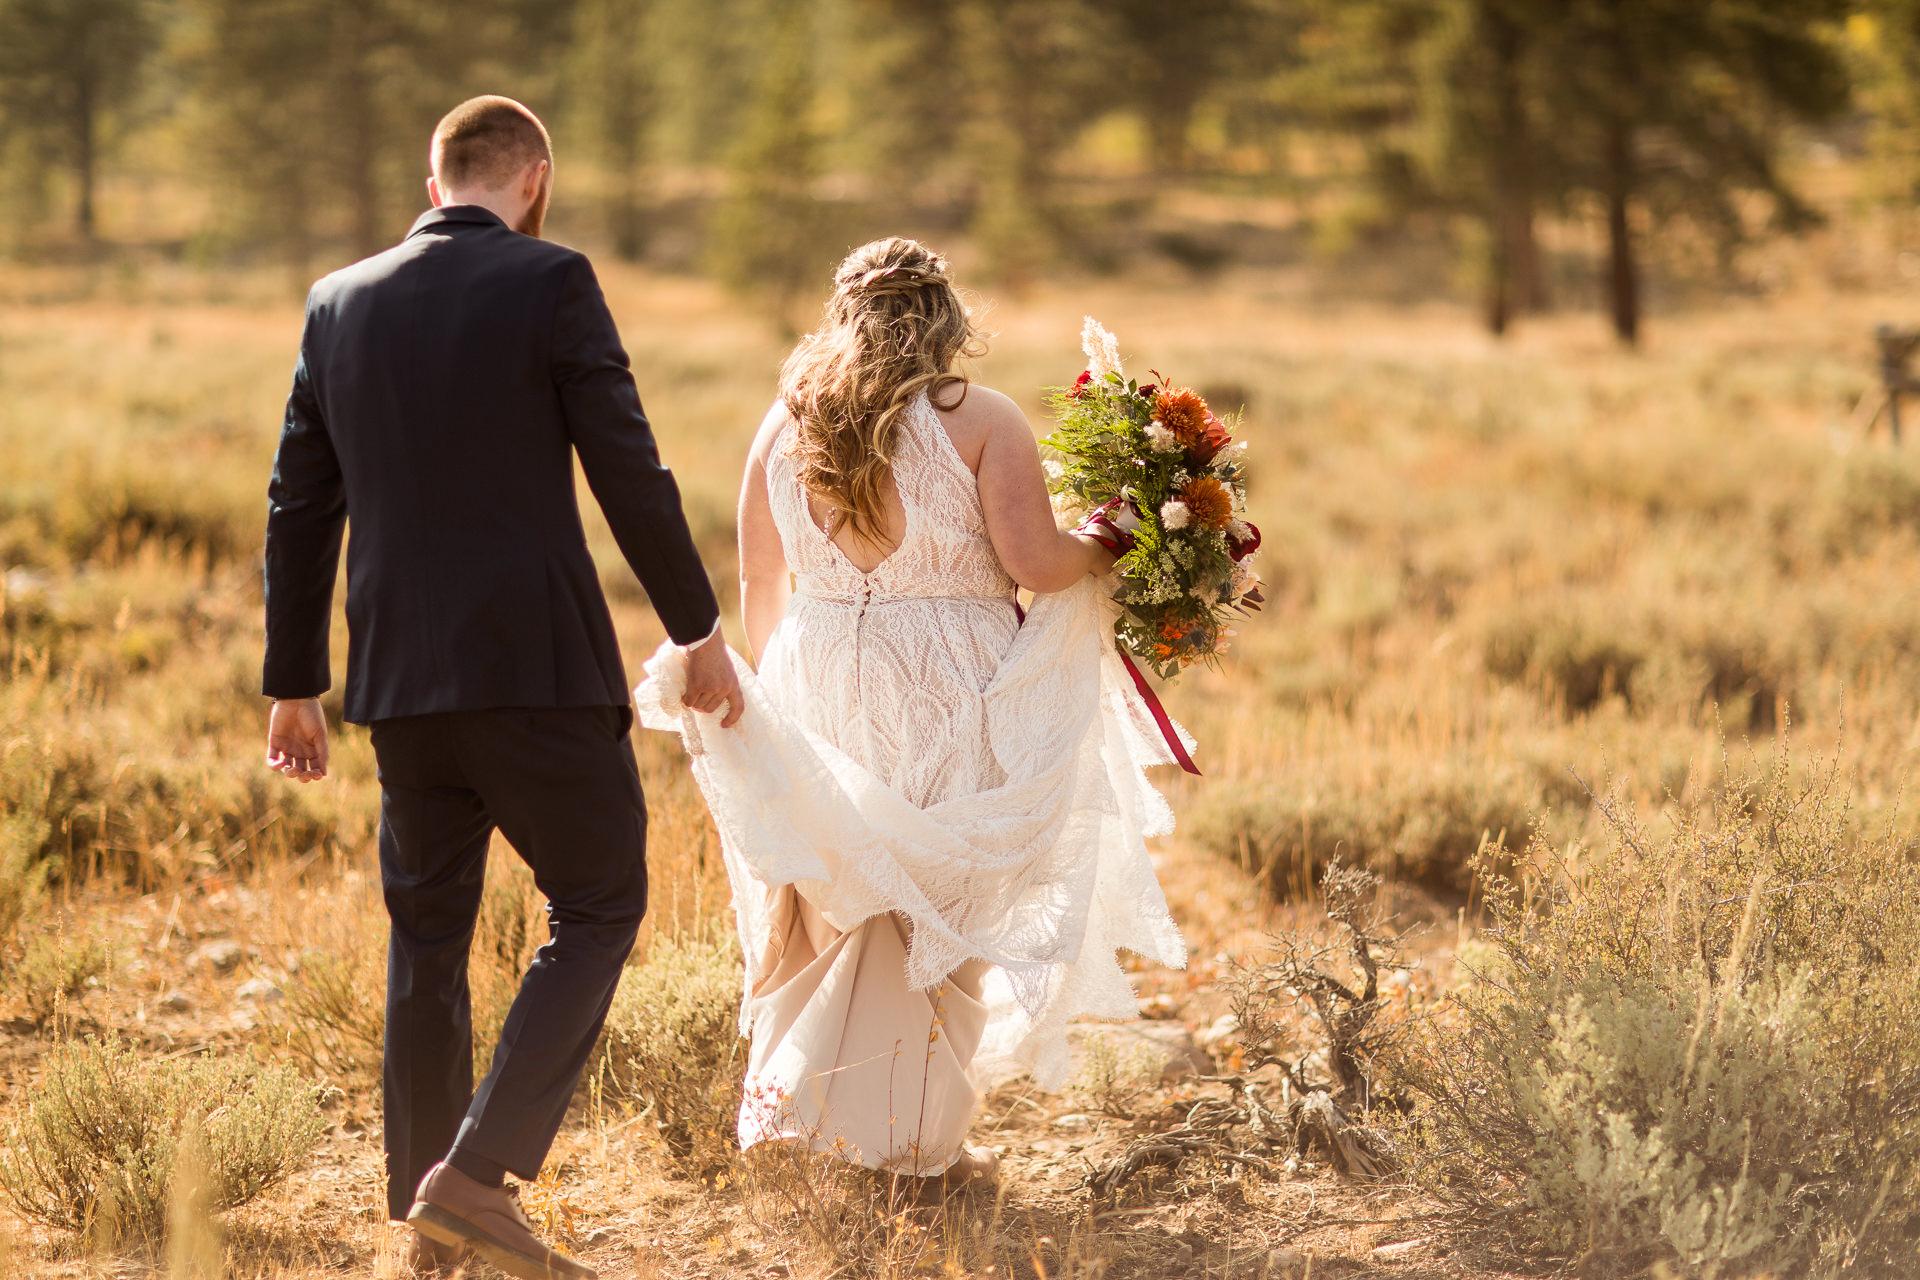 Groom Carries Bride's Dress